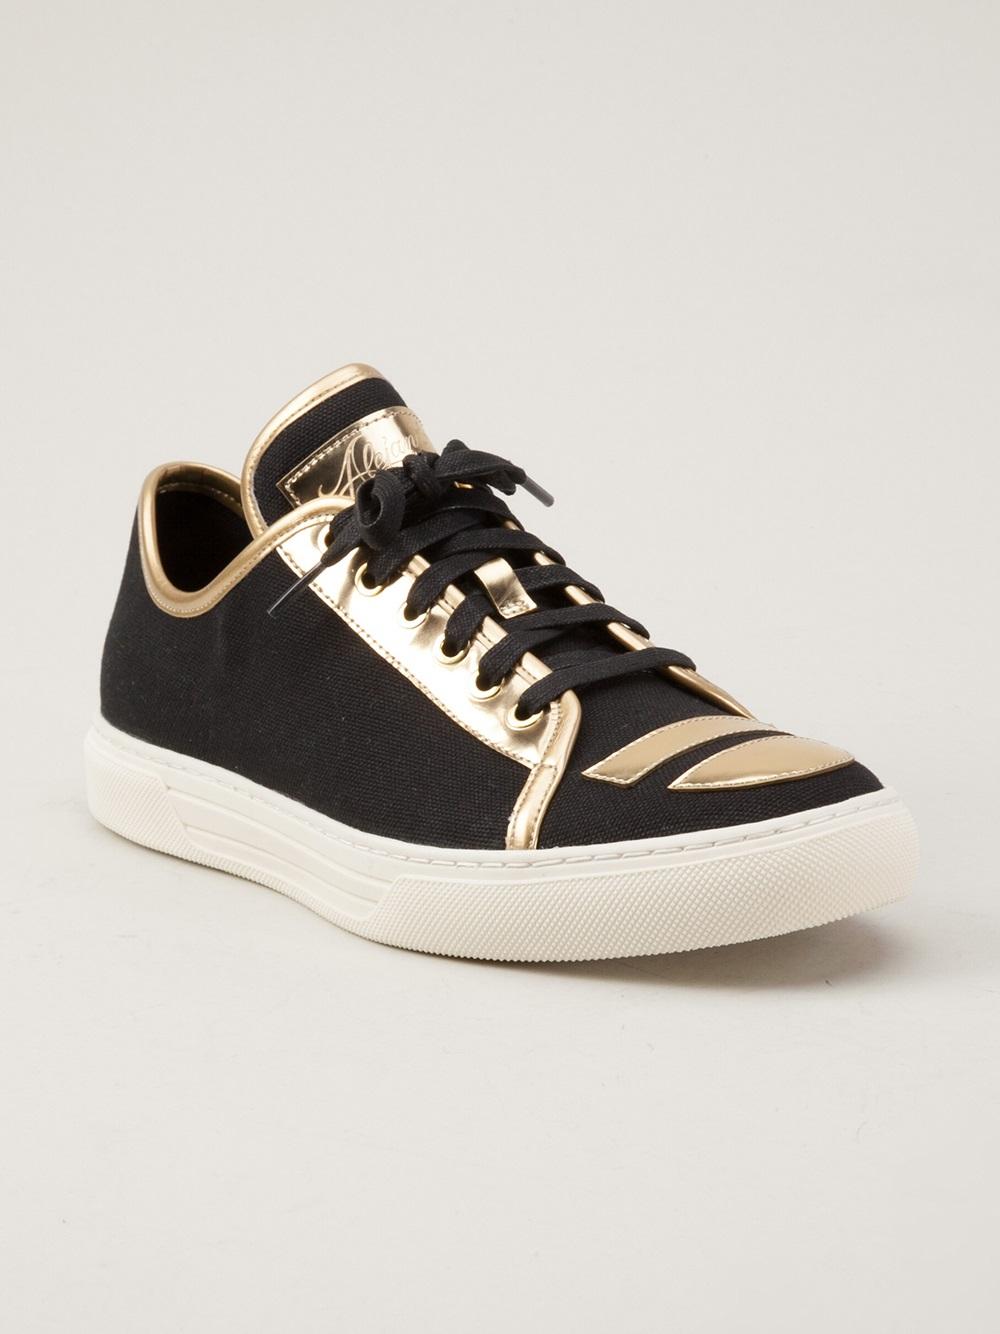 FOOTWEAR - Low-tops & sneakers Alejandro Ingelmo T31CQ5nOWx